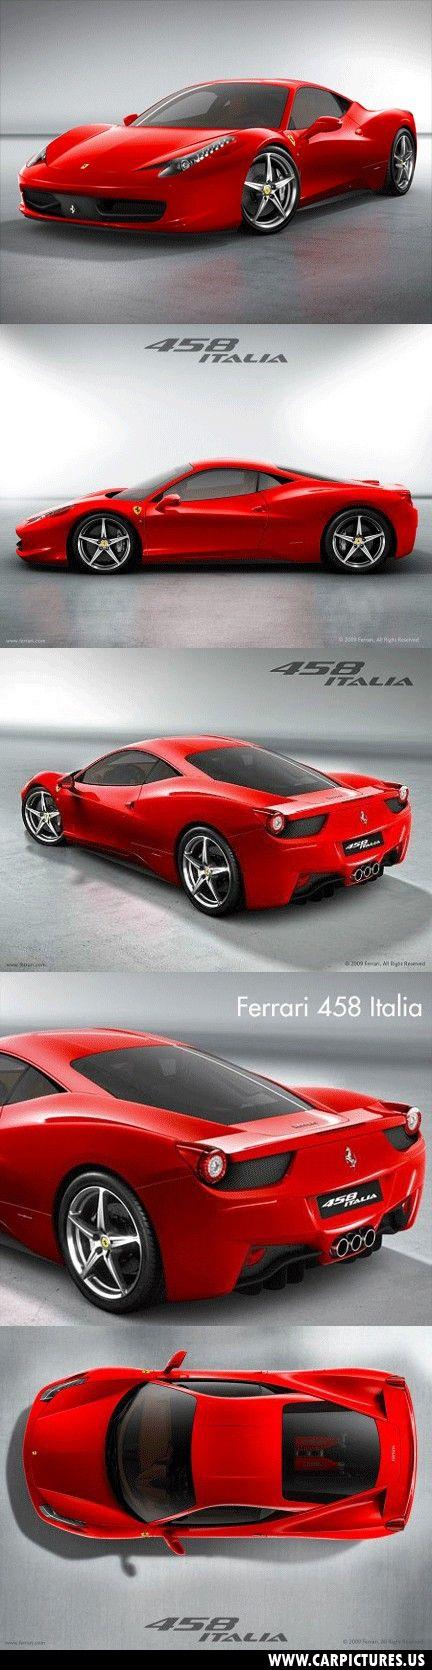 2013 Ferrari 458 Italia http://carpictures.us/2013-ferrari-458-italia/